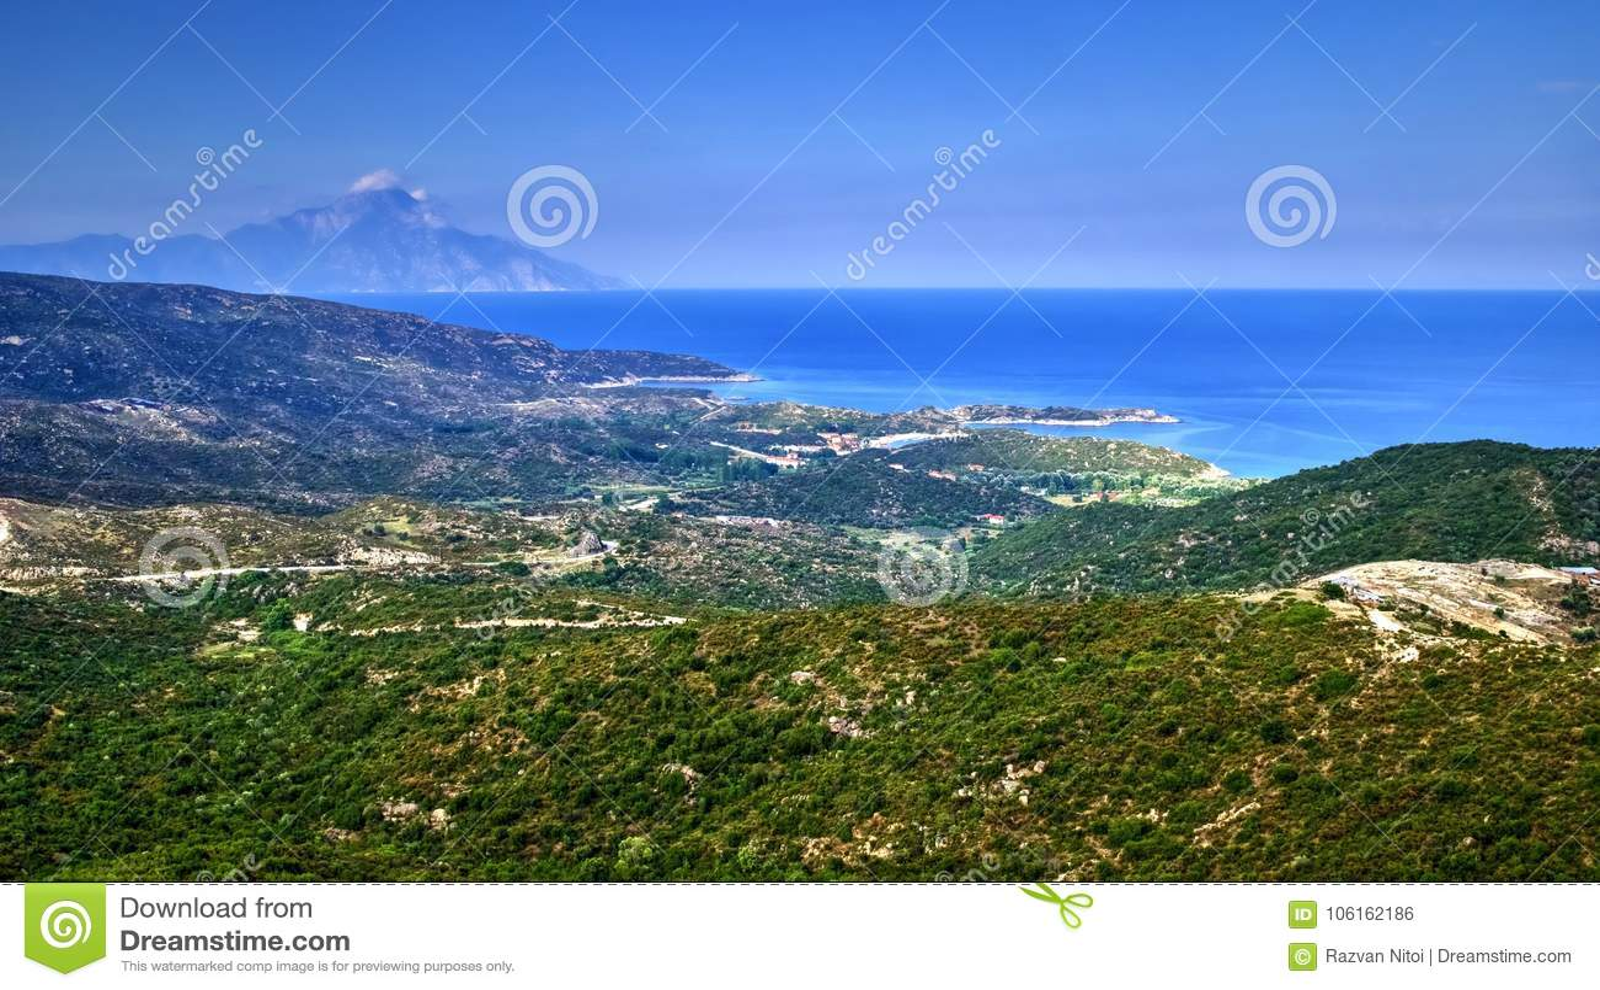 Panorama von griechischen Hügeln, von Meer und von Athos-Berg